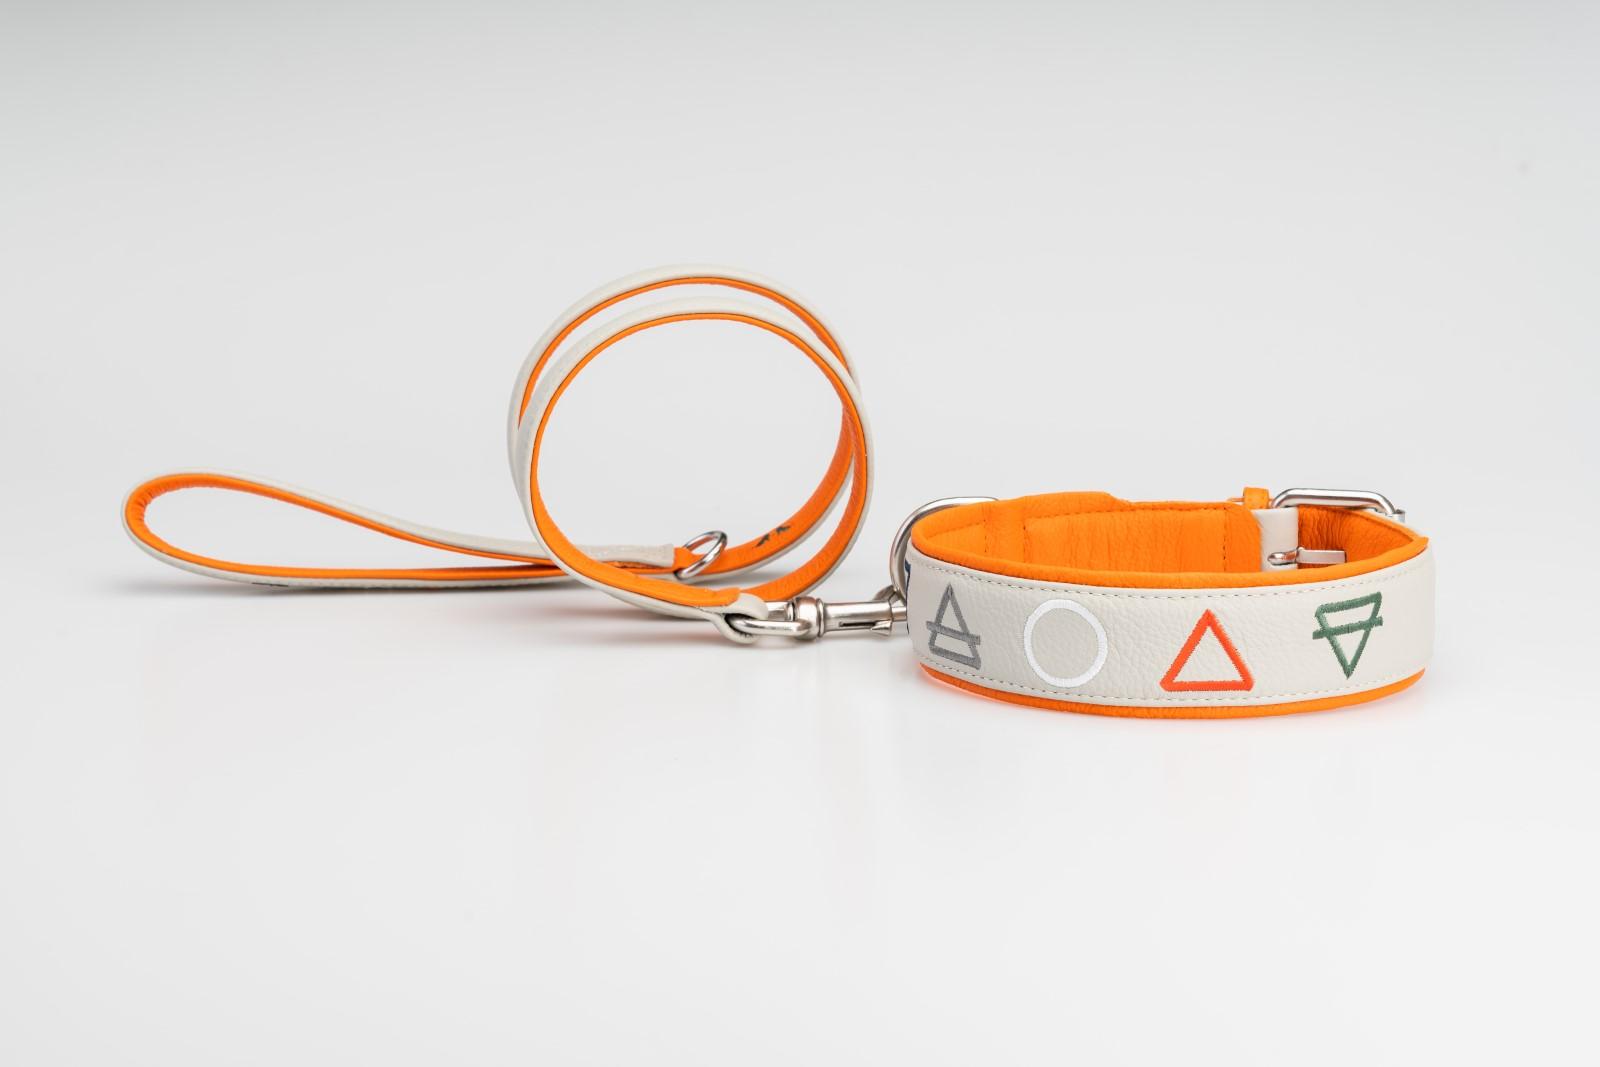 collare-per-cani-iside-forme-geometriche-8